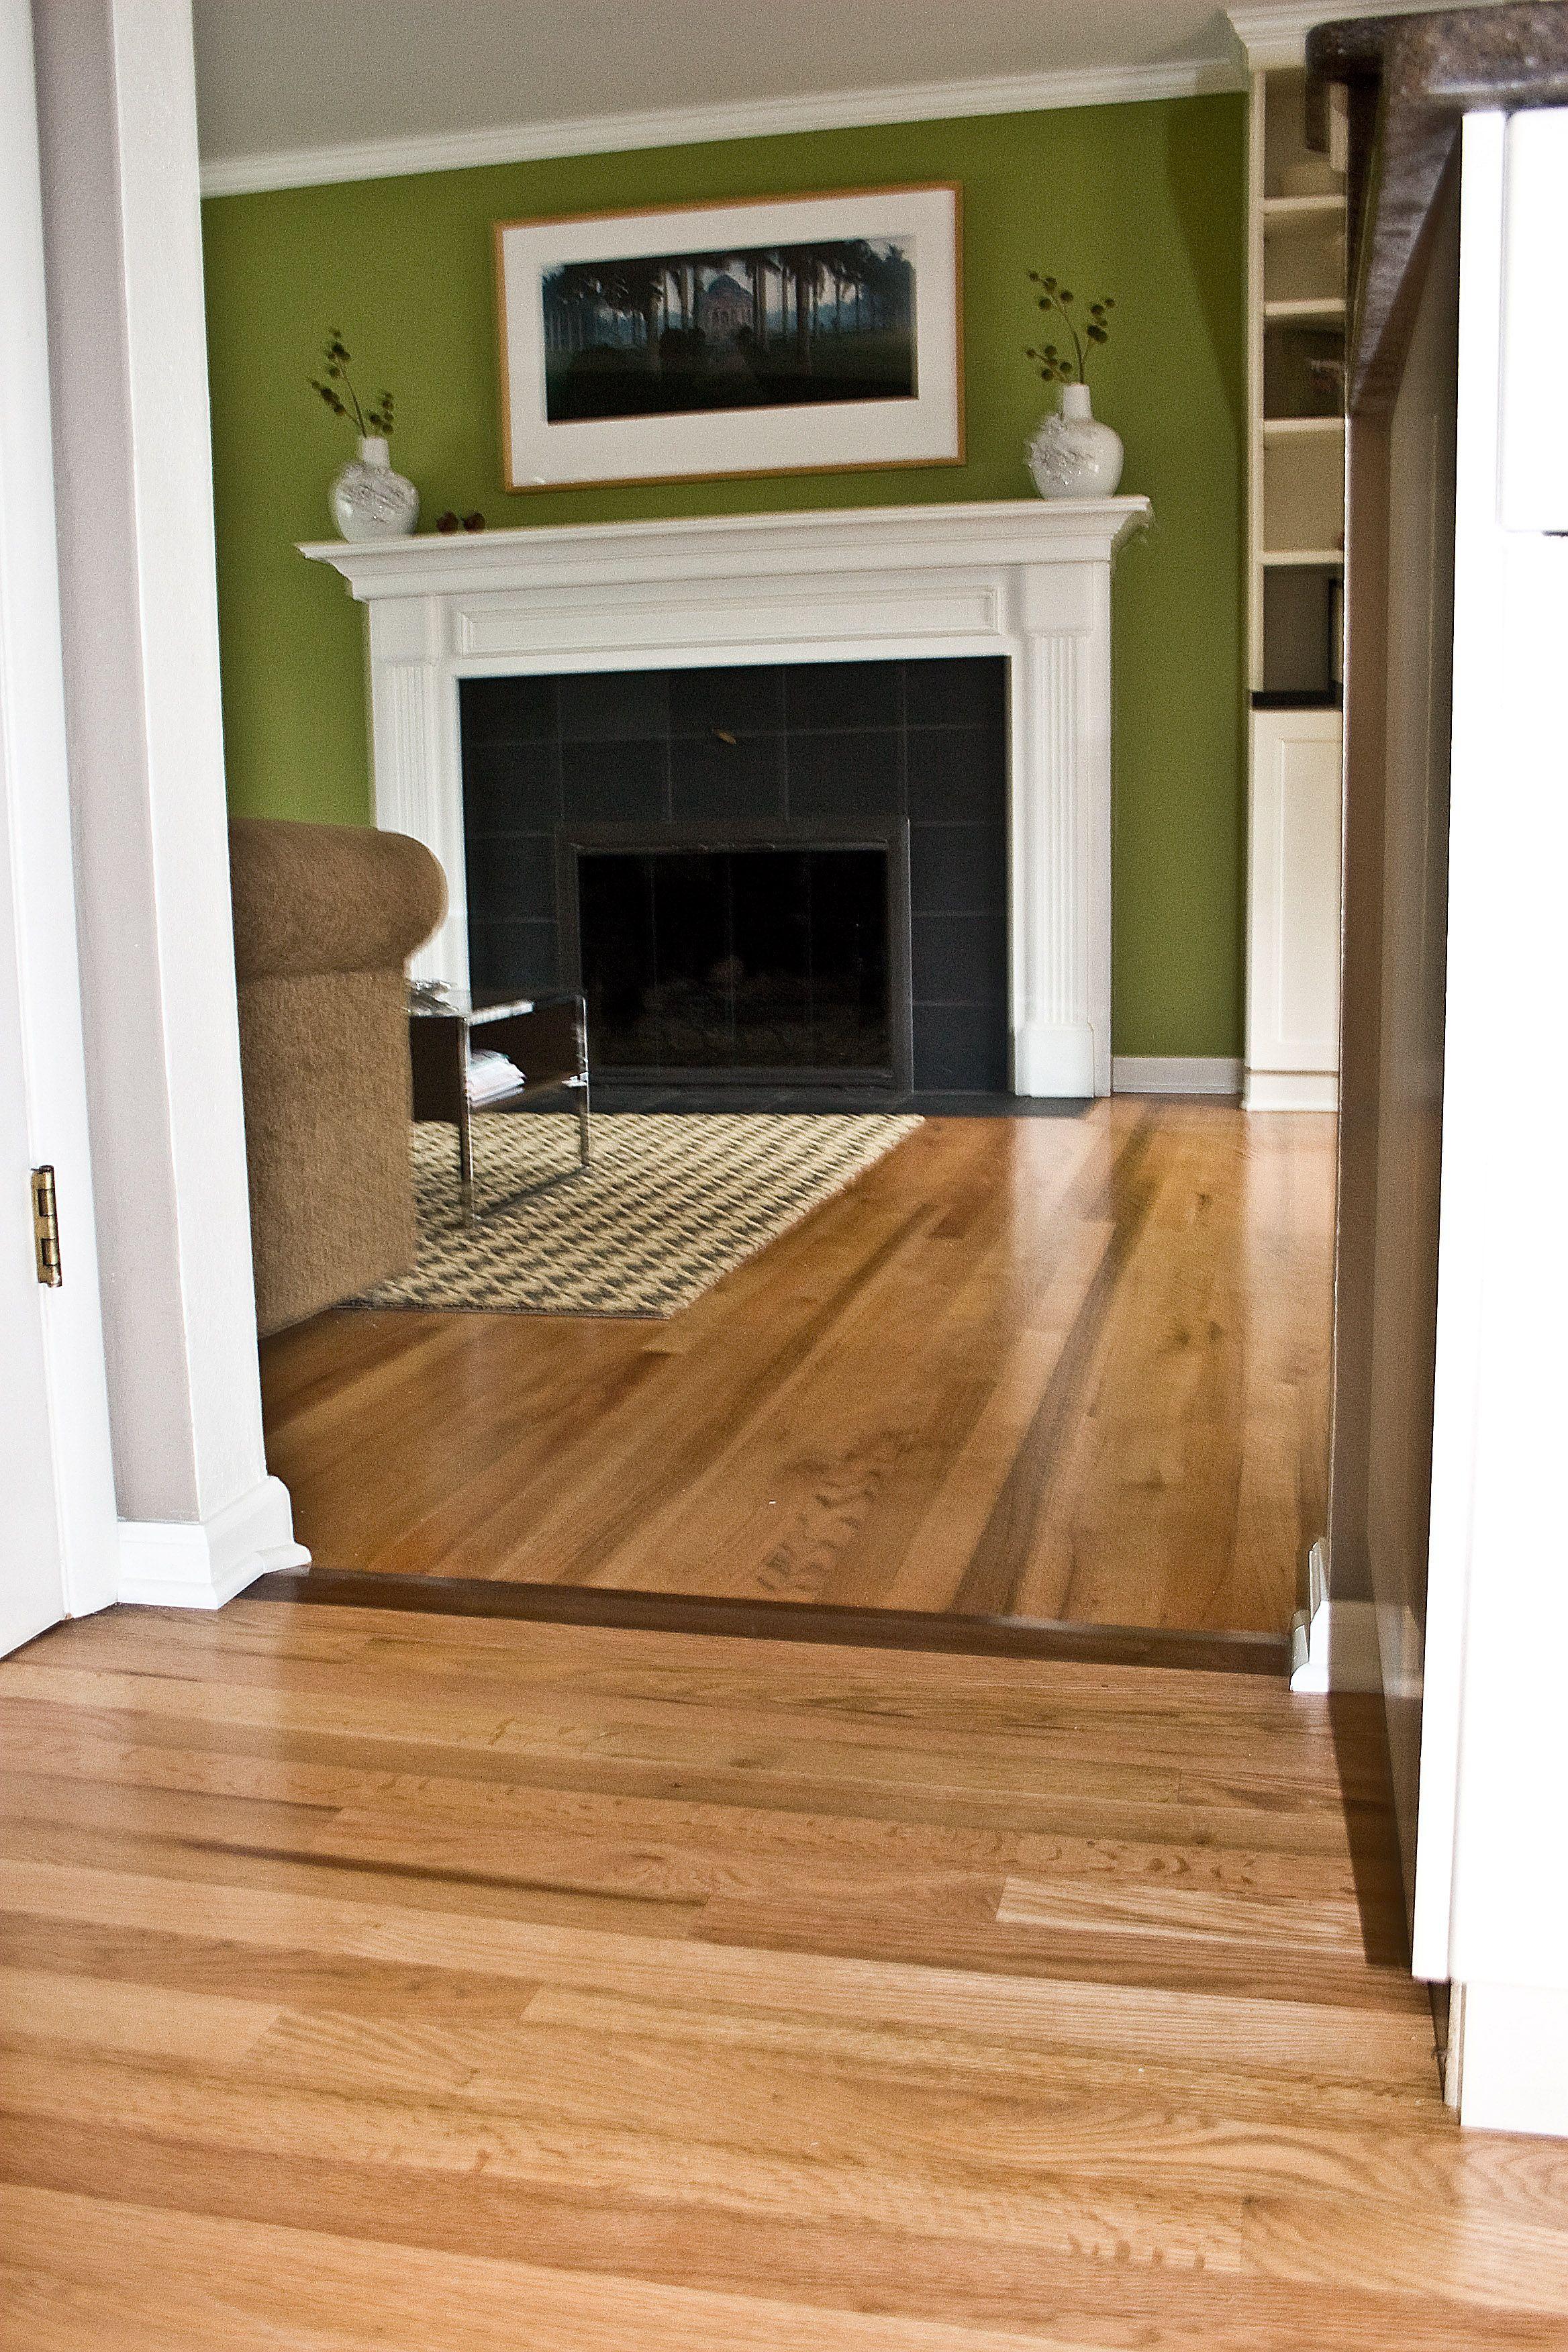 pb hardwood floor cleaner of the wooden floor best laminate wood flooring unique woodfloor within the wooden floor good idea for adding hard to match hardwoods